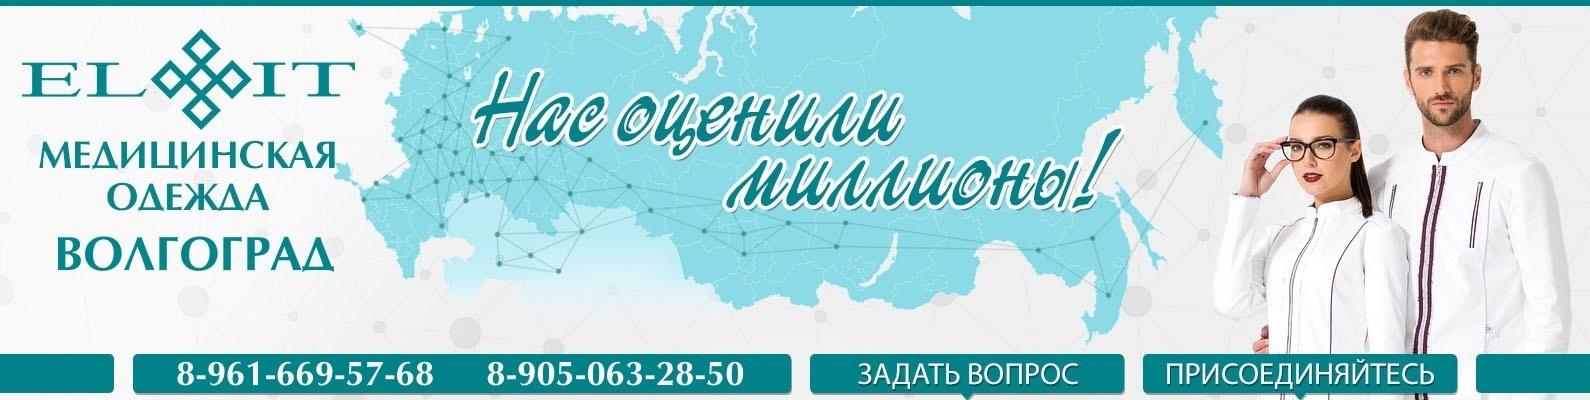 eca7a81de95f8 Медицинская одежда ELIT| Волгоград | ВКонтакте